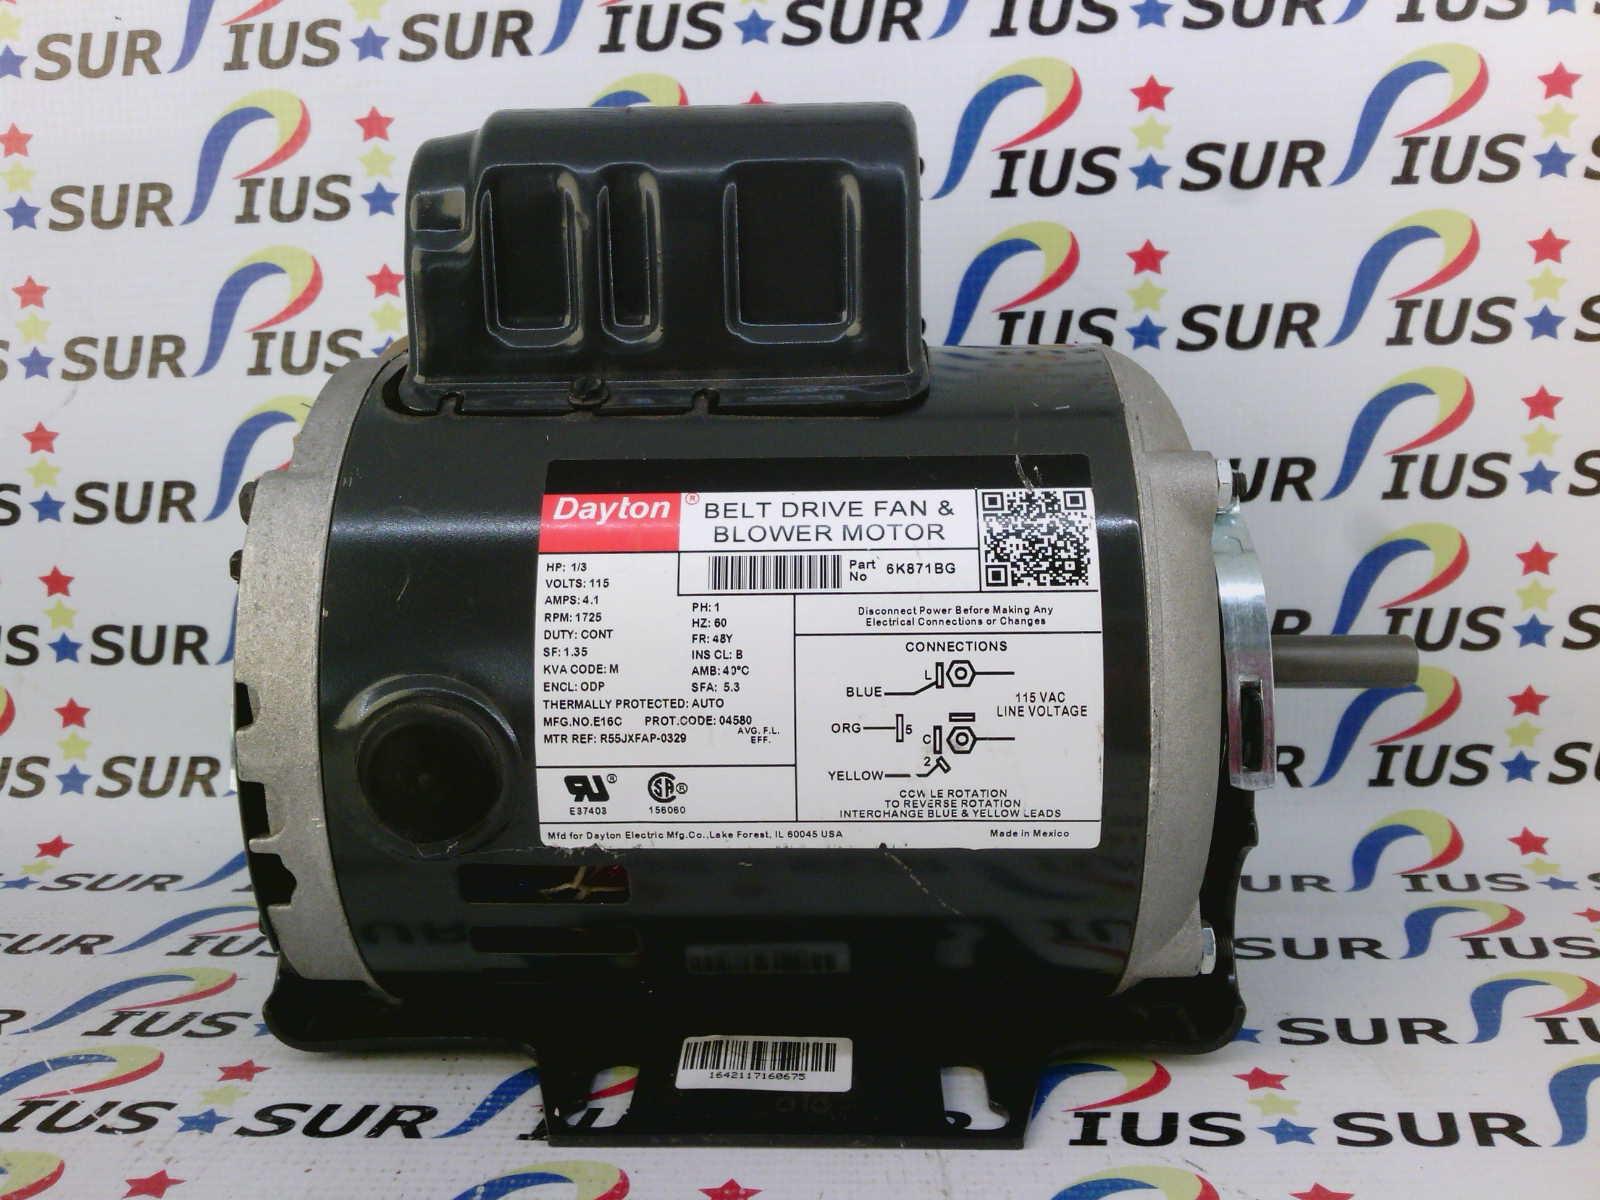 dayton 6k871 electric motor